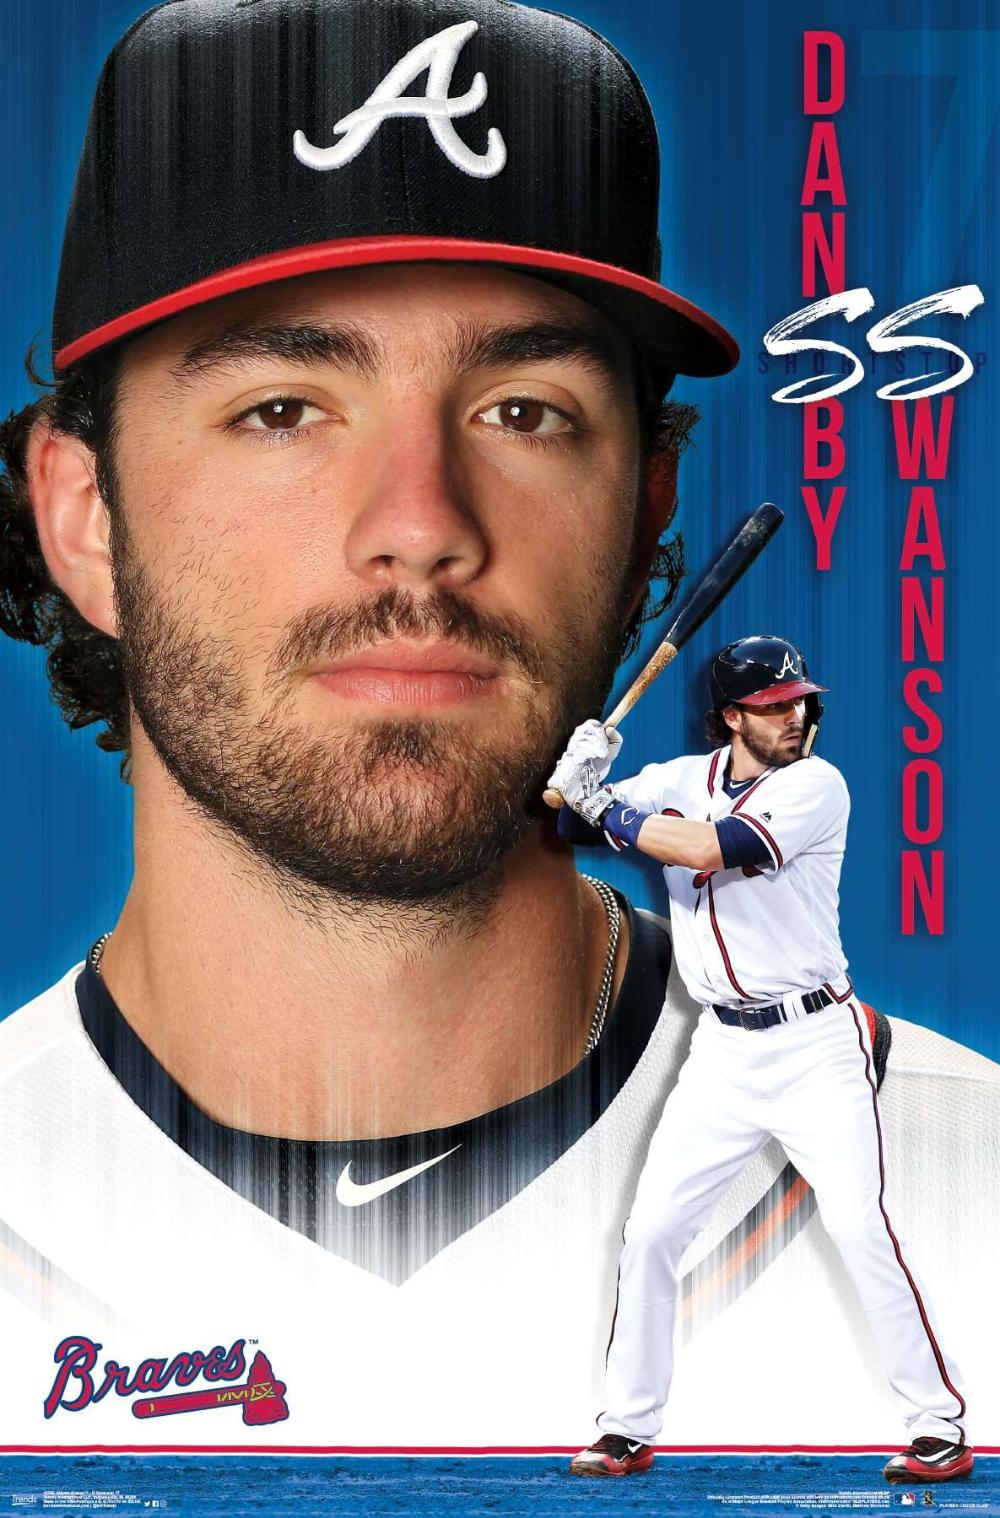 Mlb Atlanta Braves Dansby Swanson 17 In 2020 Atlanta Braves Dansby Swanson Braves